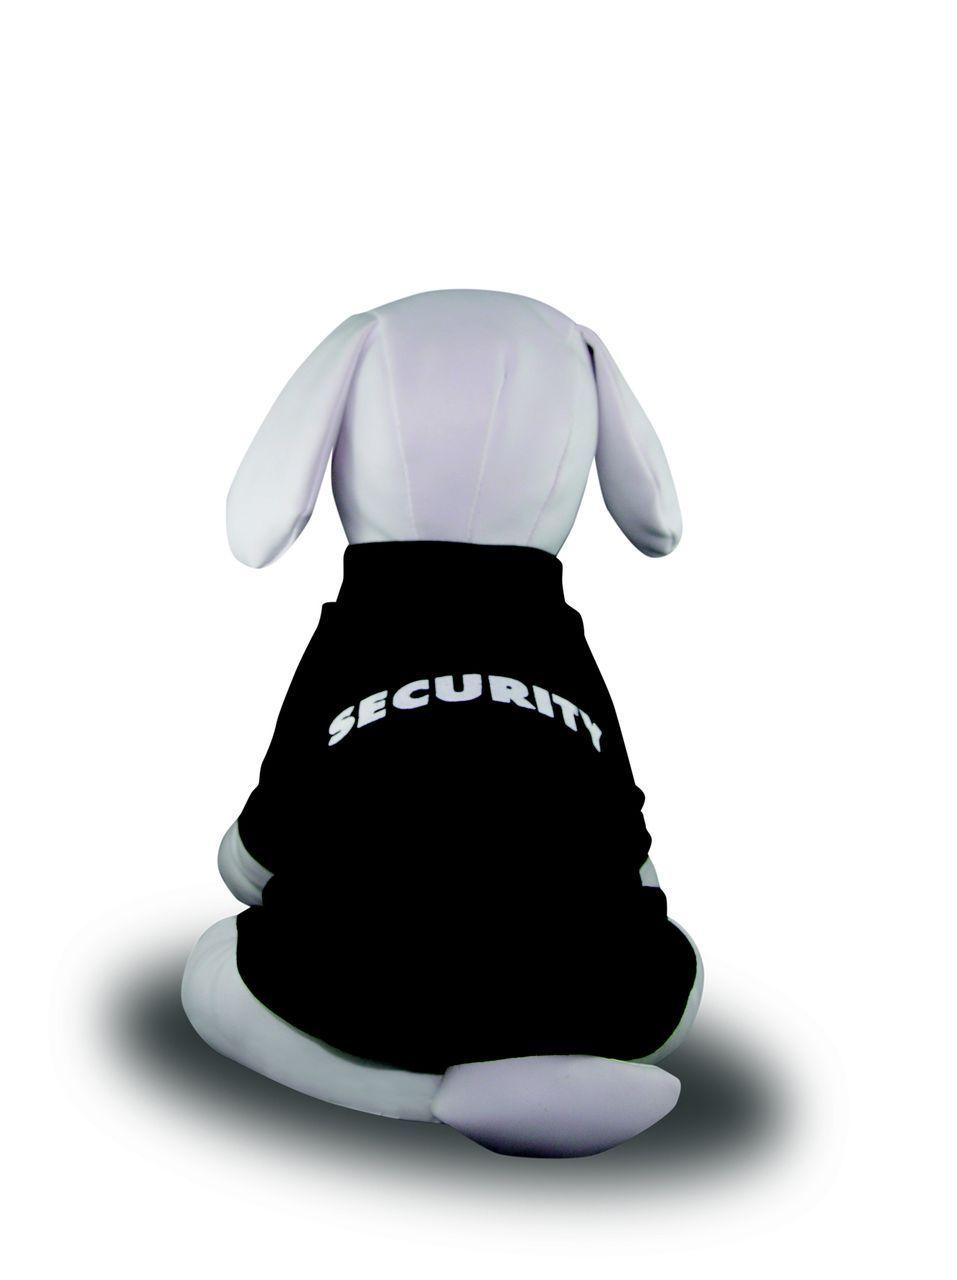 Dog Security Shirt photo - 3